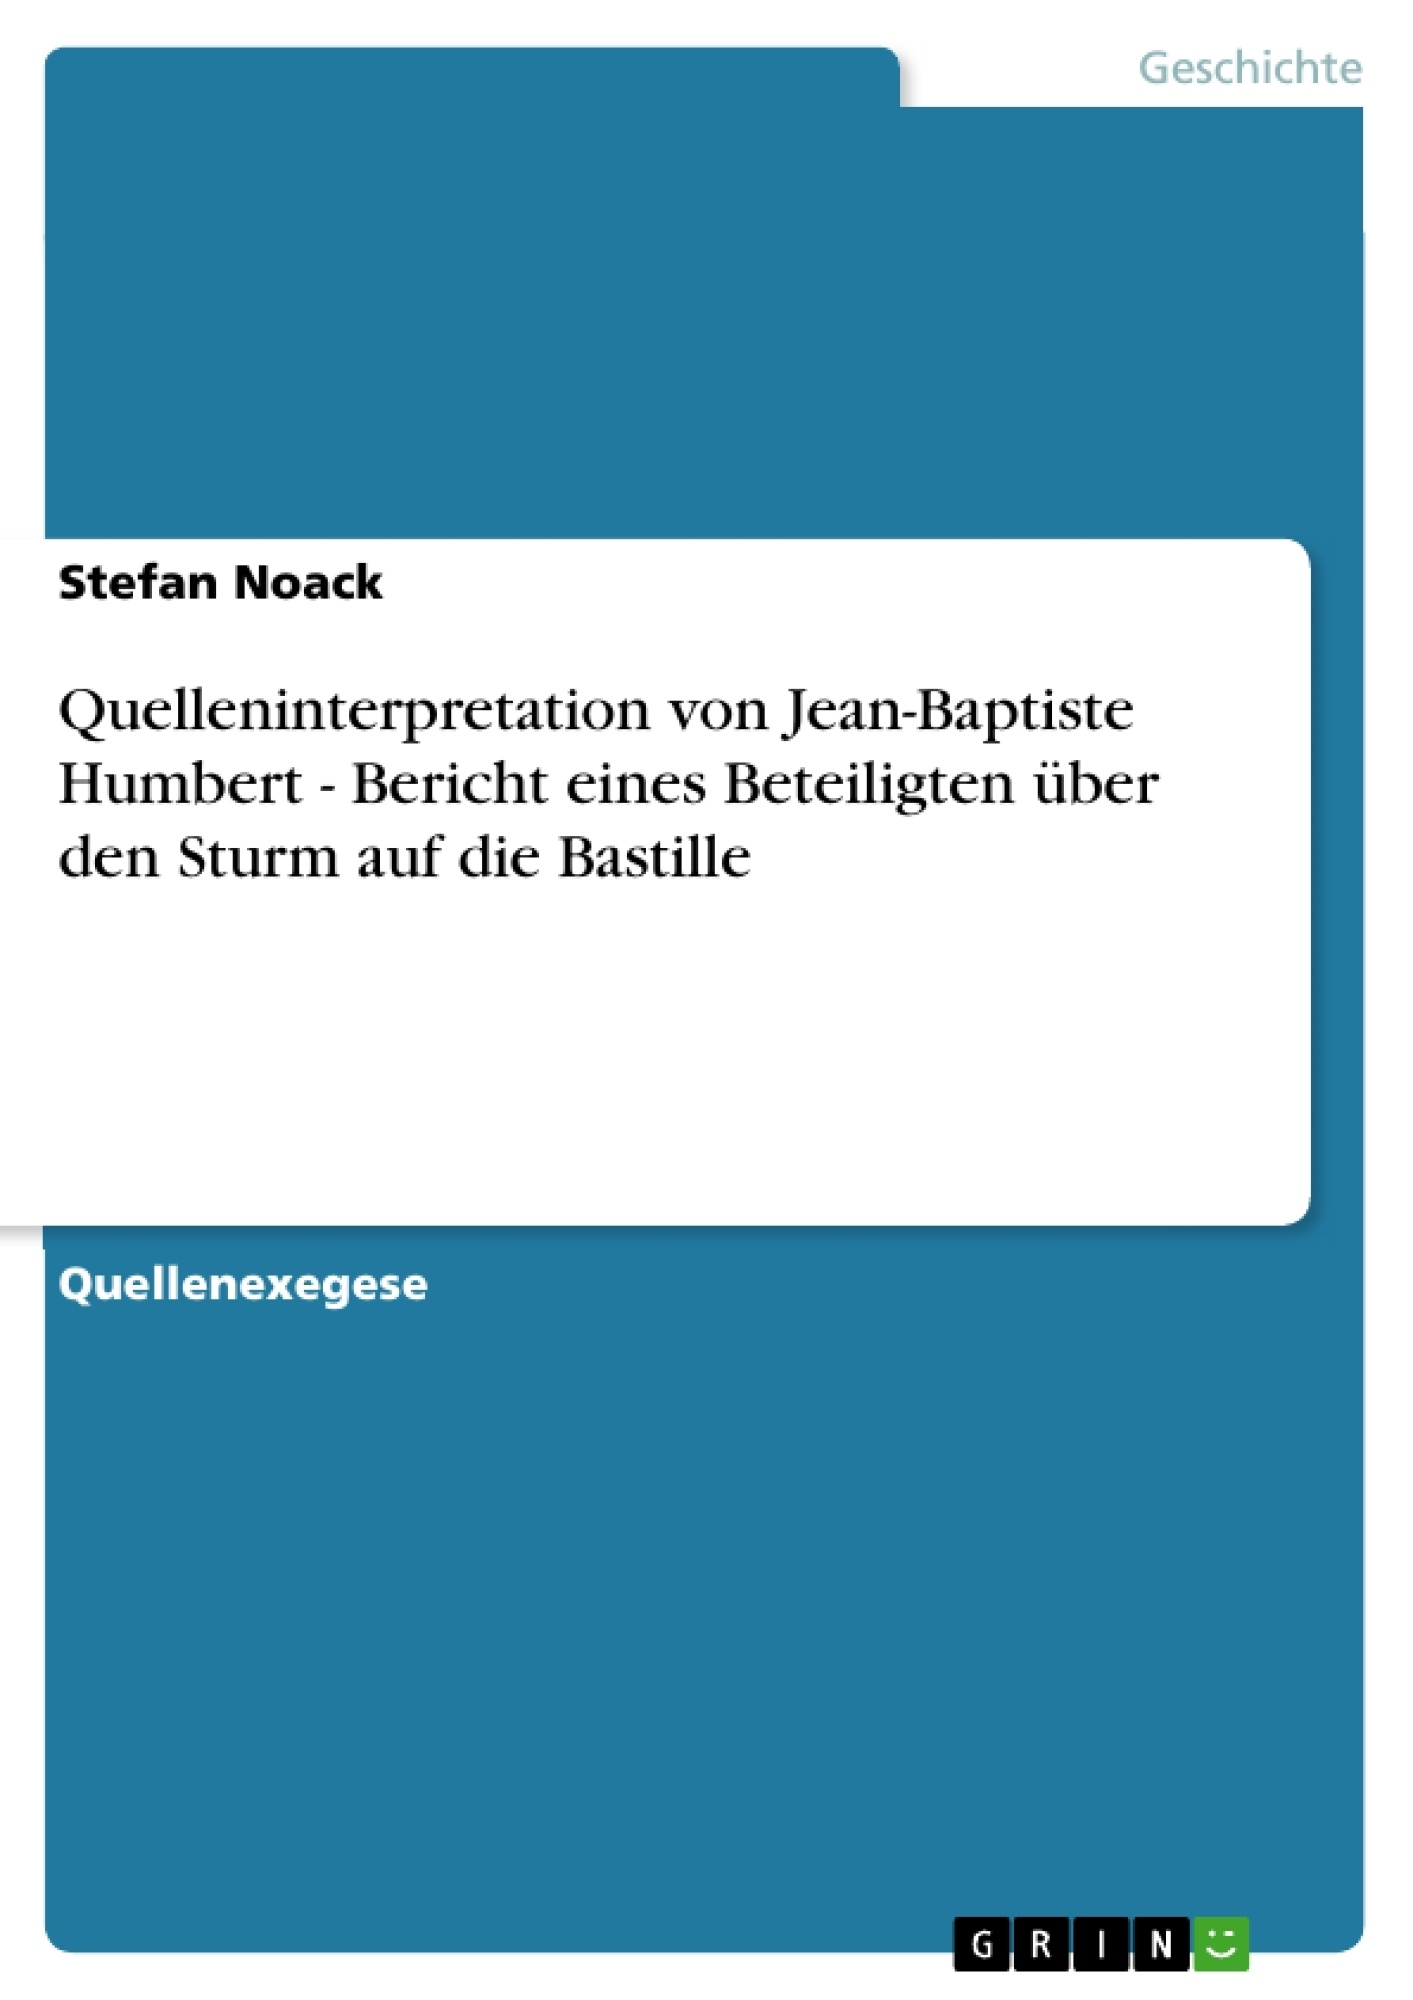 Titel: Quelleninterpretation von Jean-Baptiste Humbert - Bericht eines Beteiligten über den Sturm auf die Bastille